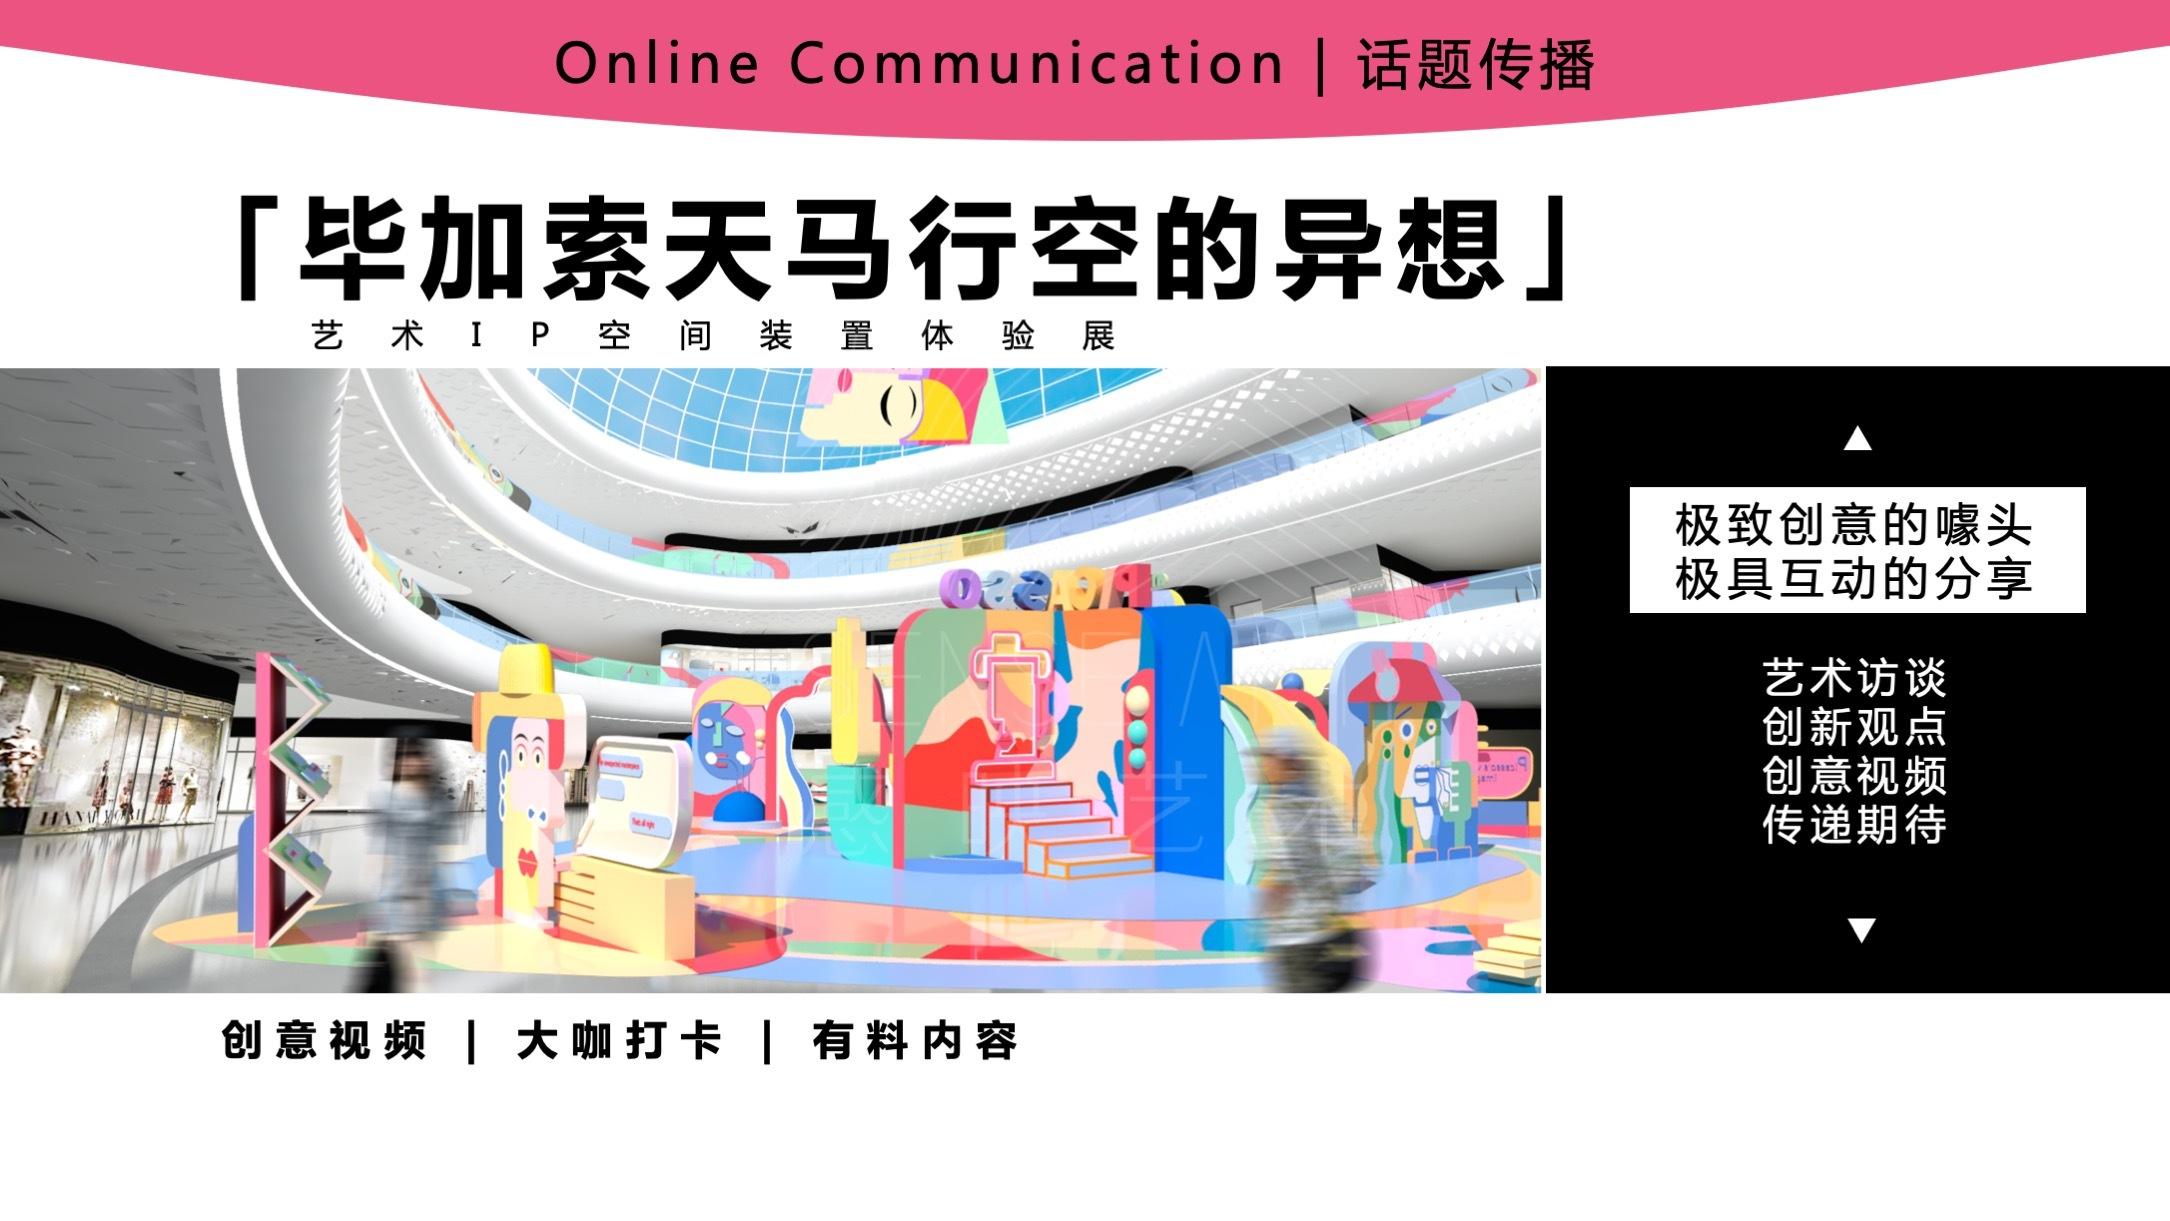 【毕加索的异想世界】艺术IP空间装置体验展